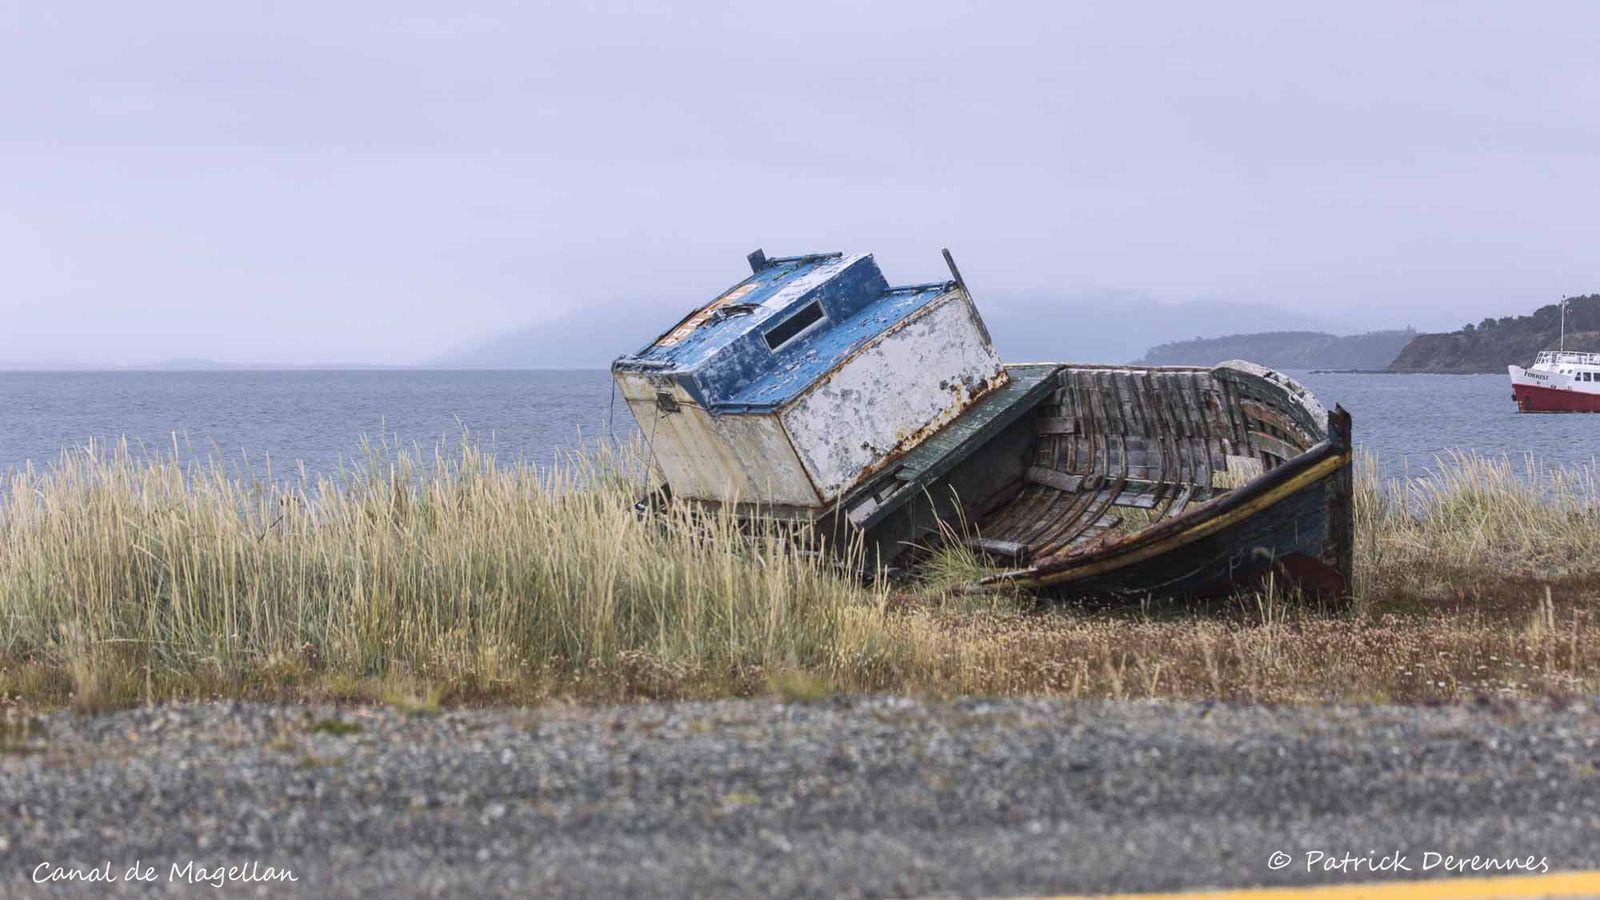 [Chili] Canal de Magellan - Martin-pêcheur à ventre roux